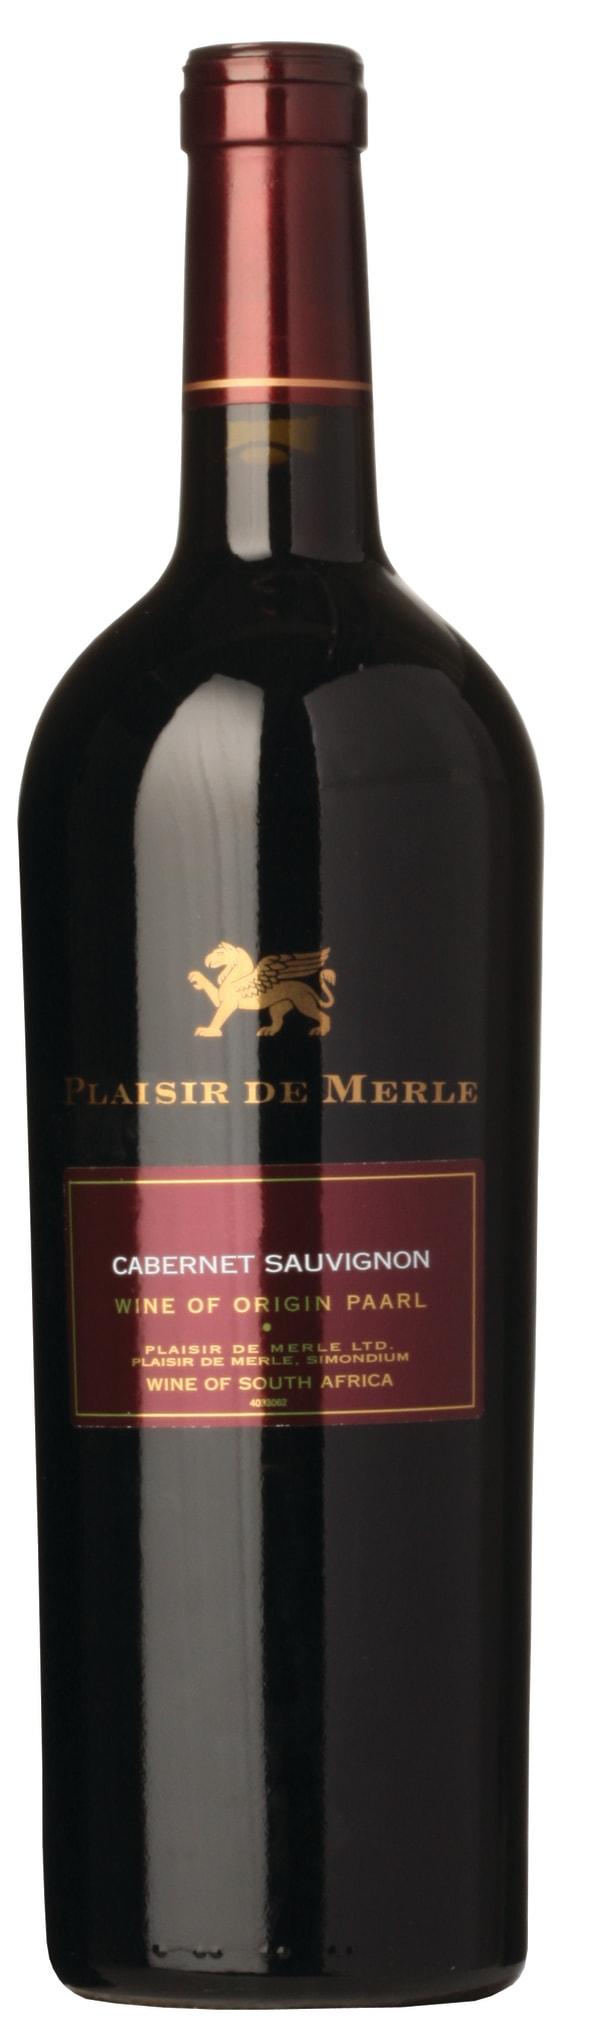 Plaisir de Merle Cabernet Sauvignon 2013